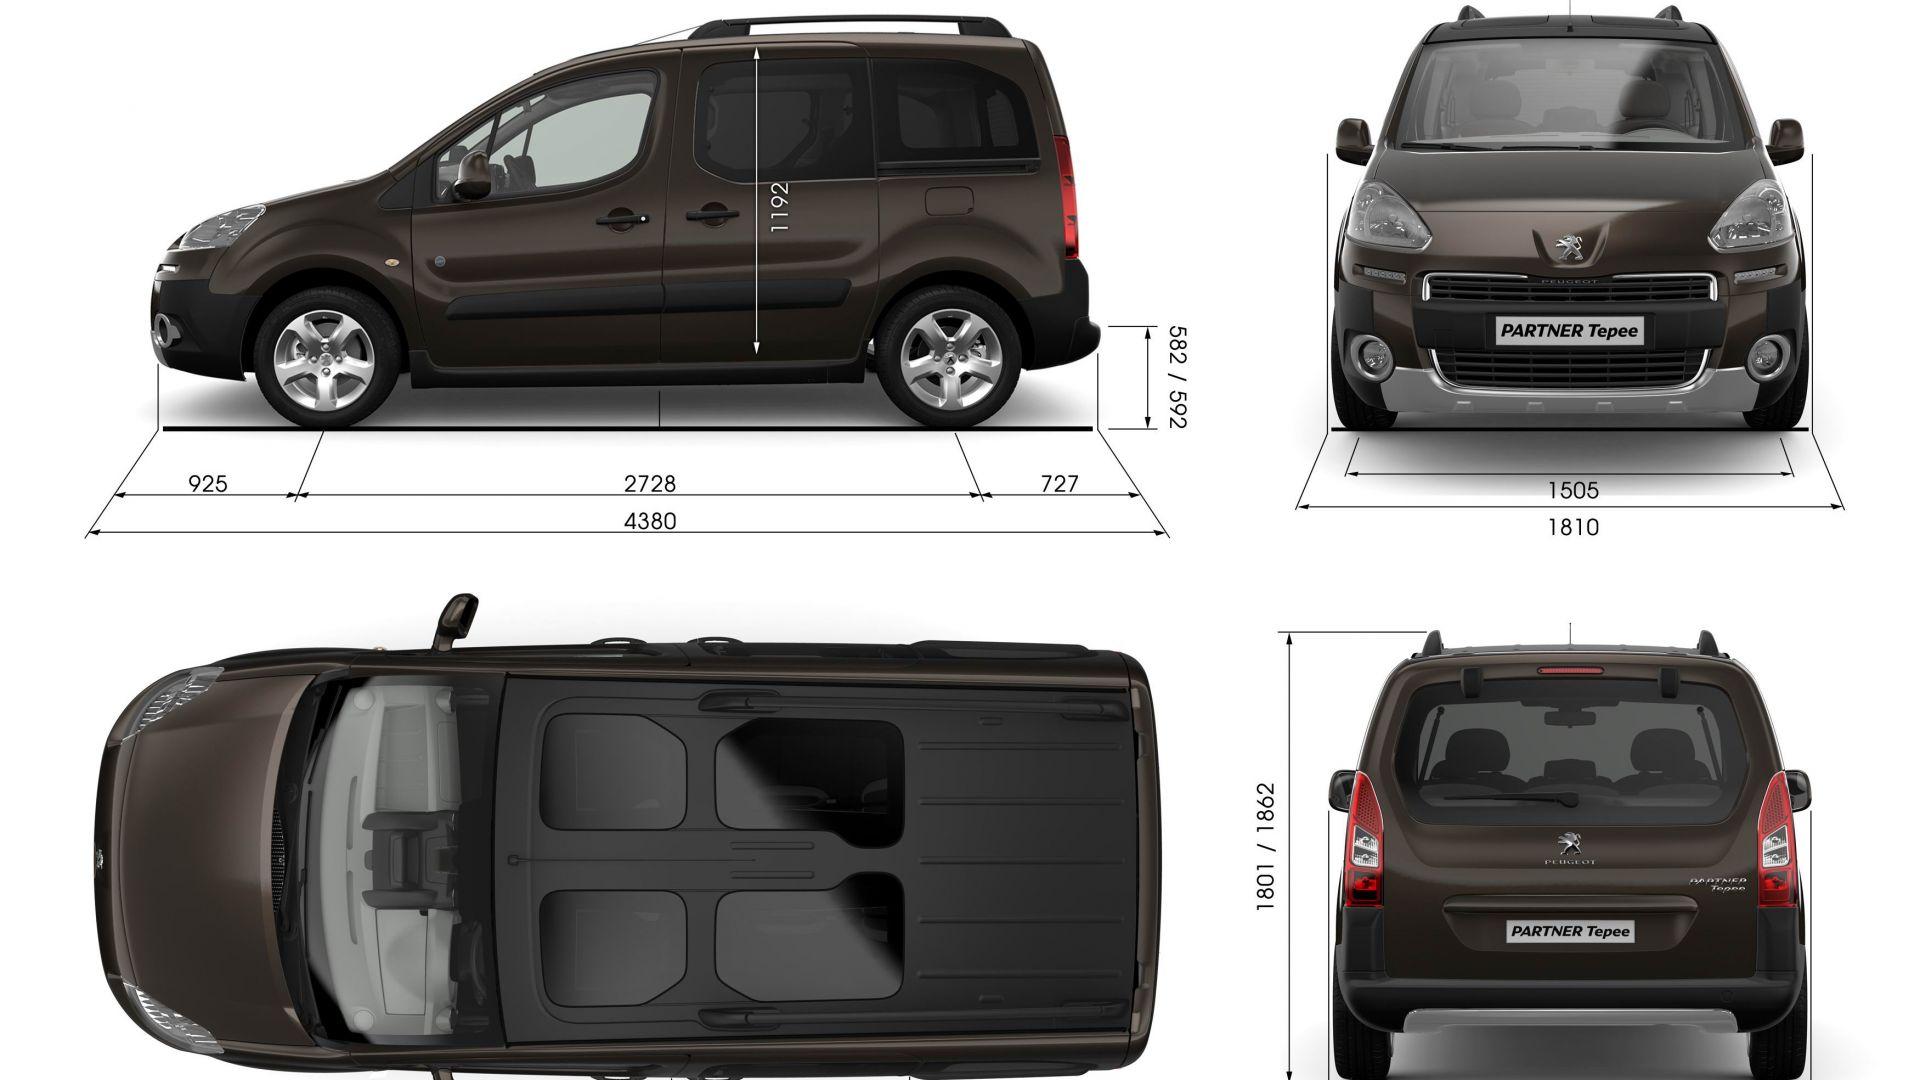 anteprima peugeot partner tepee 2012 motorbox. Black Bedroom Furniture Sets. Home Design Ideas